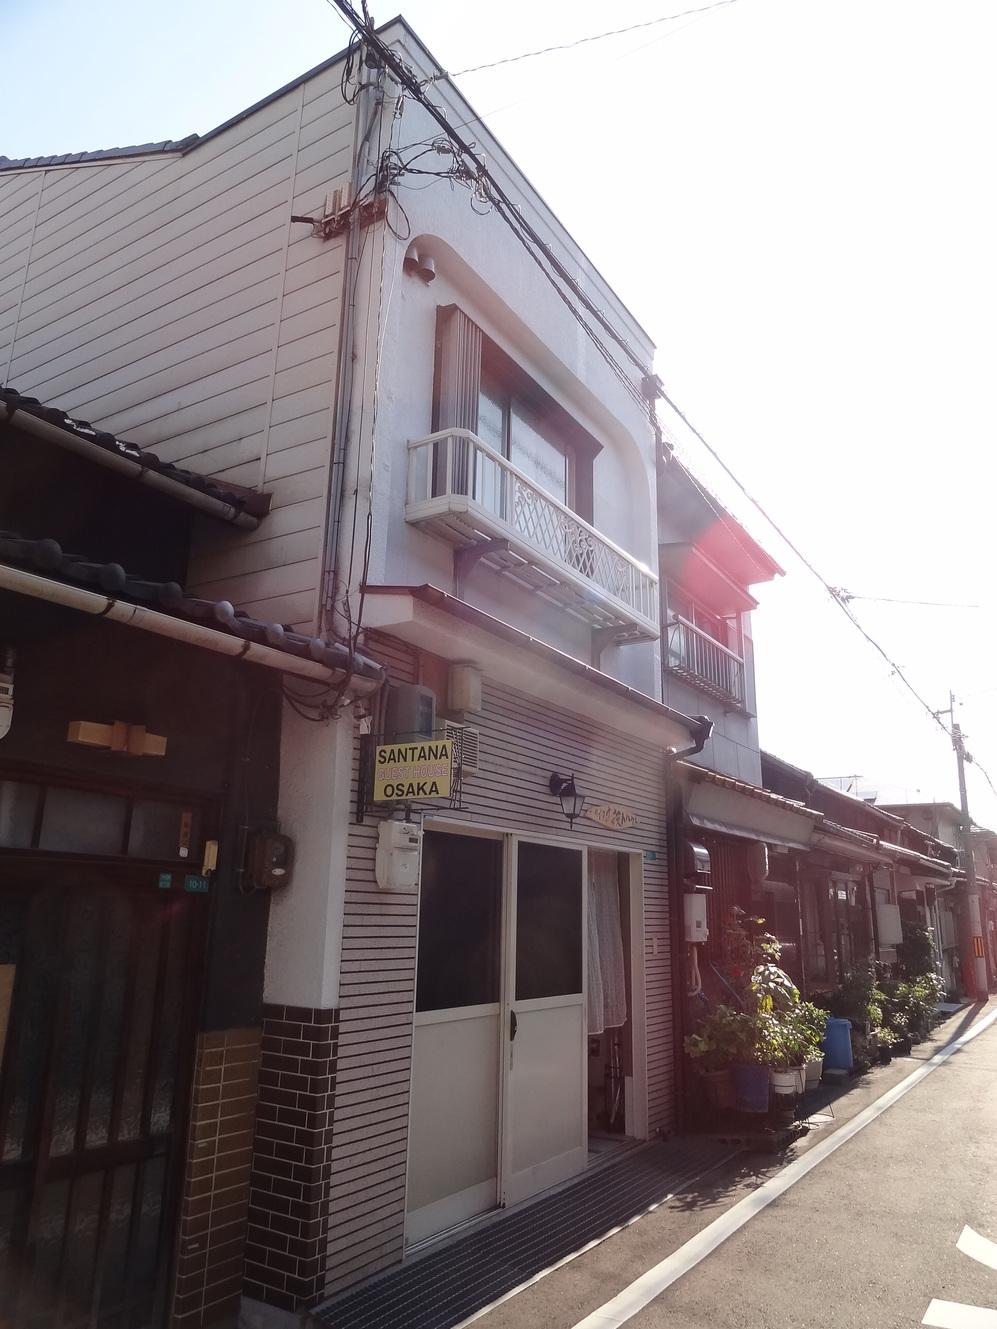 サンタナゲストハウス大阪 image